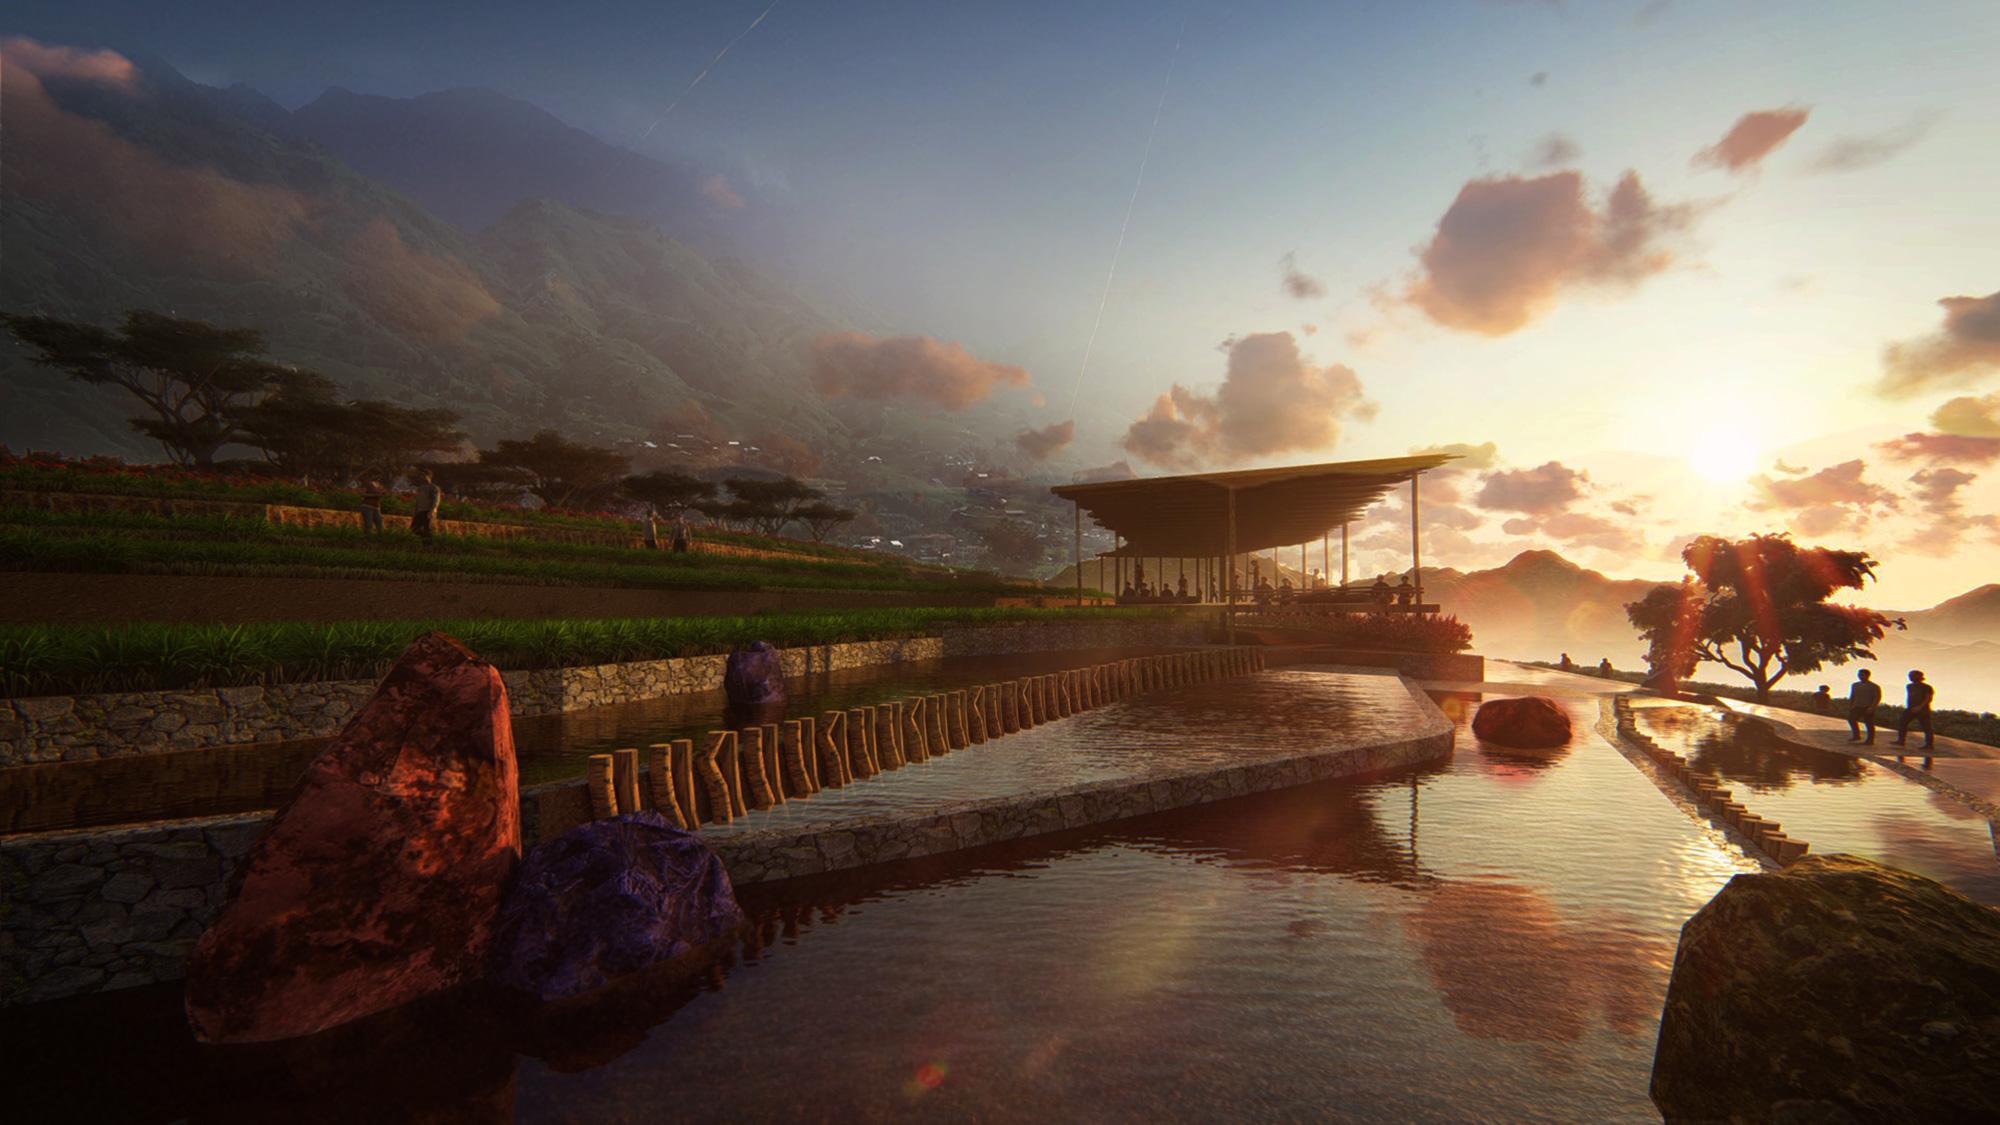 Thiết kế tổng thể dự án khu du lịch nghỉ dưỡng Sapa Mường Hoa